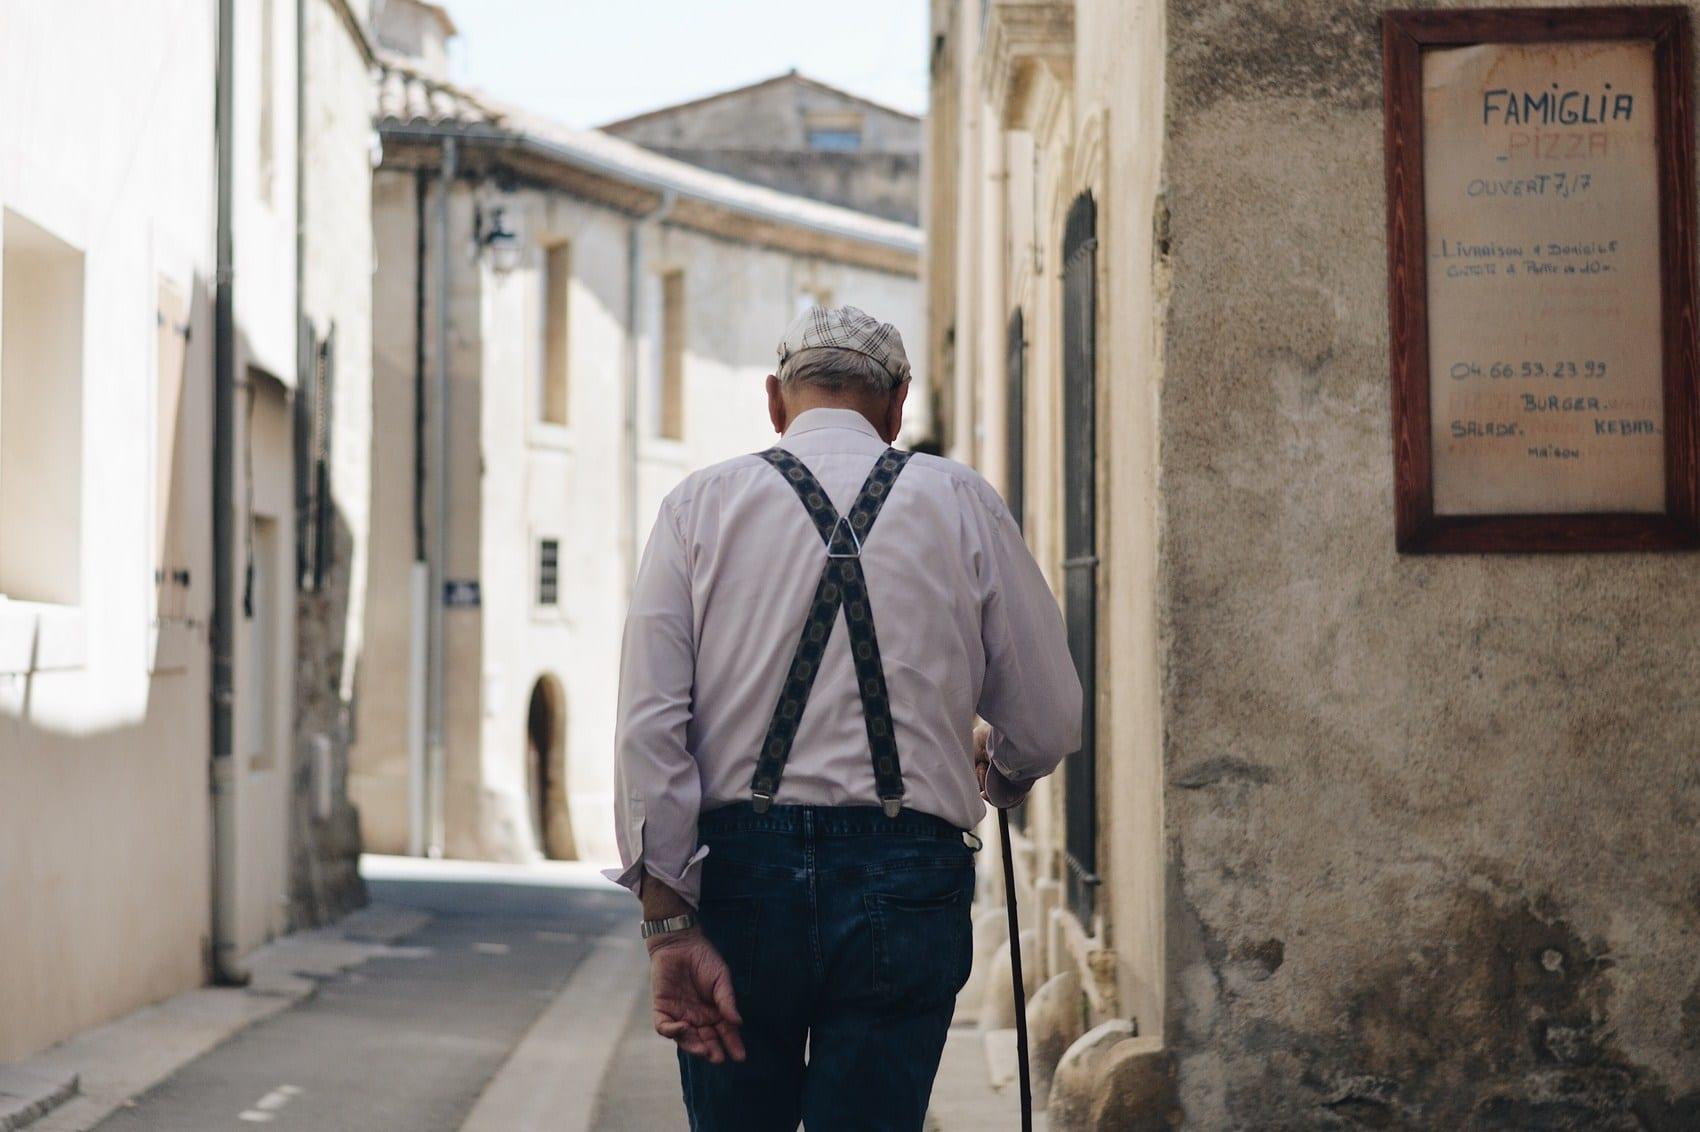 La pensión media de jubilación se sitúa en mayo